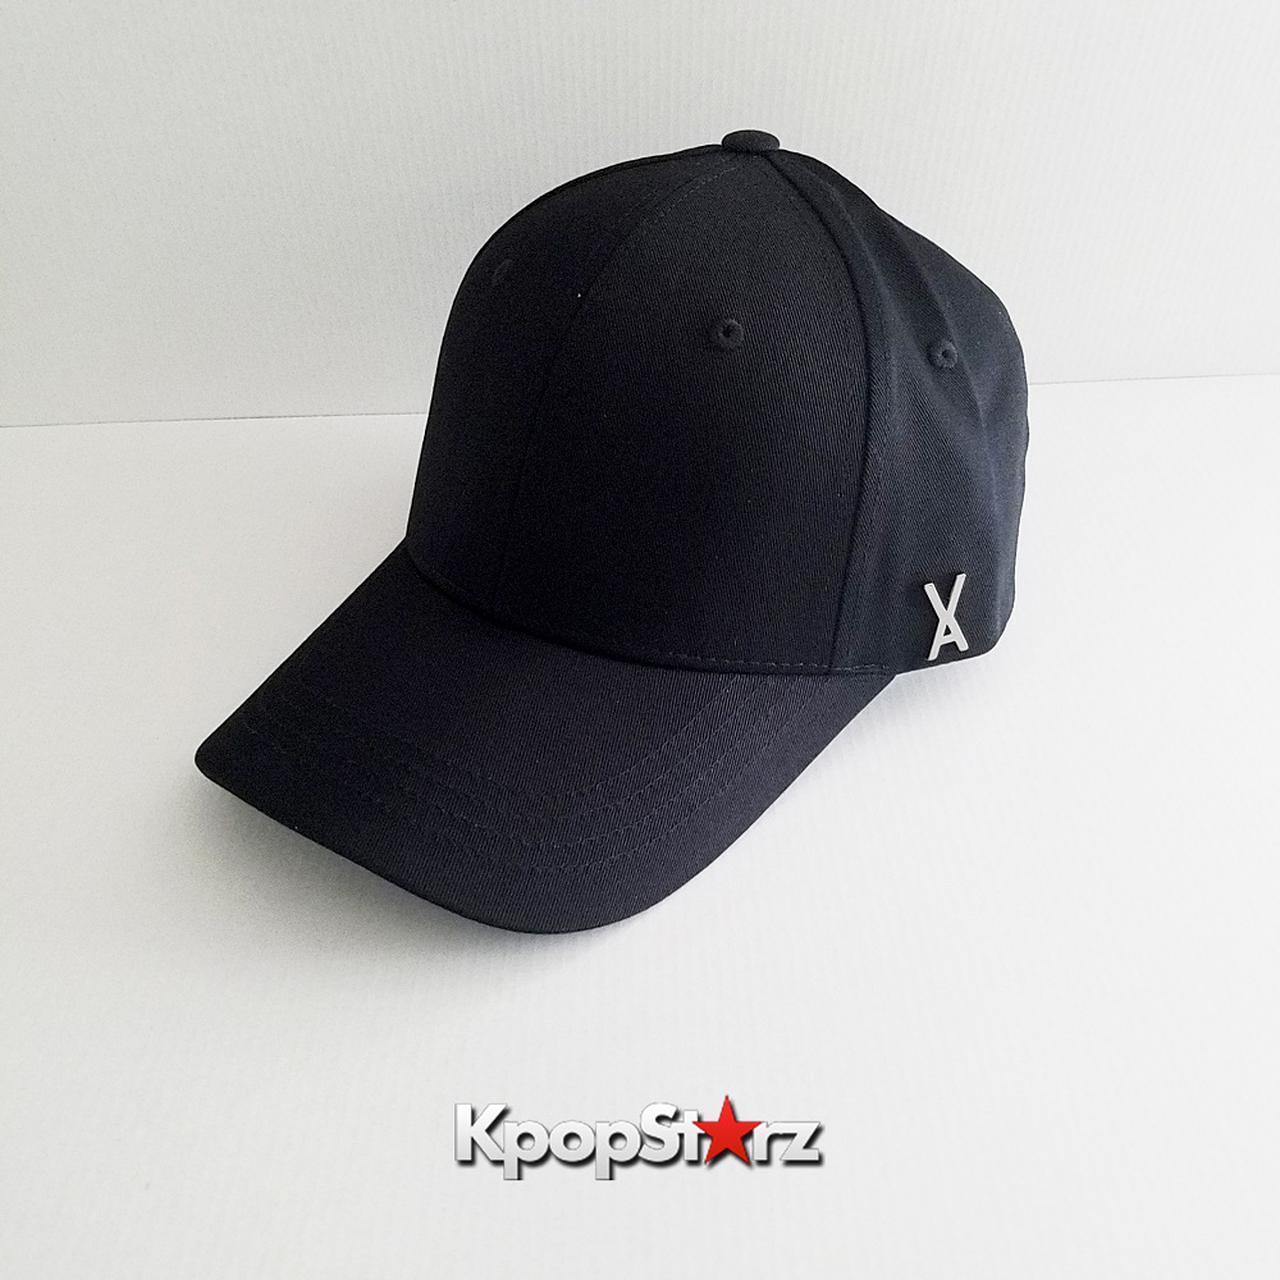 画像1: 【VARZAR】 Stud logo over fit ball cap / Model496